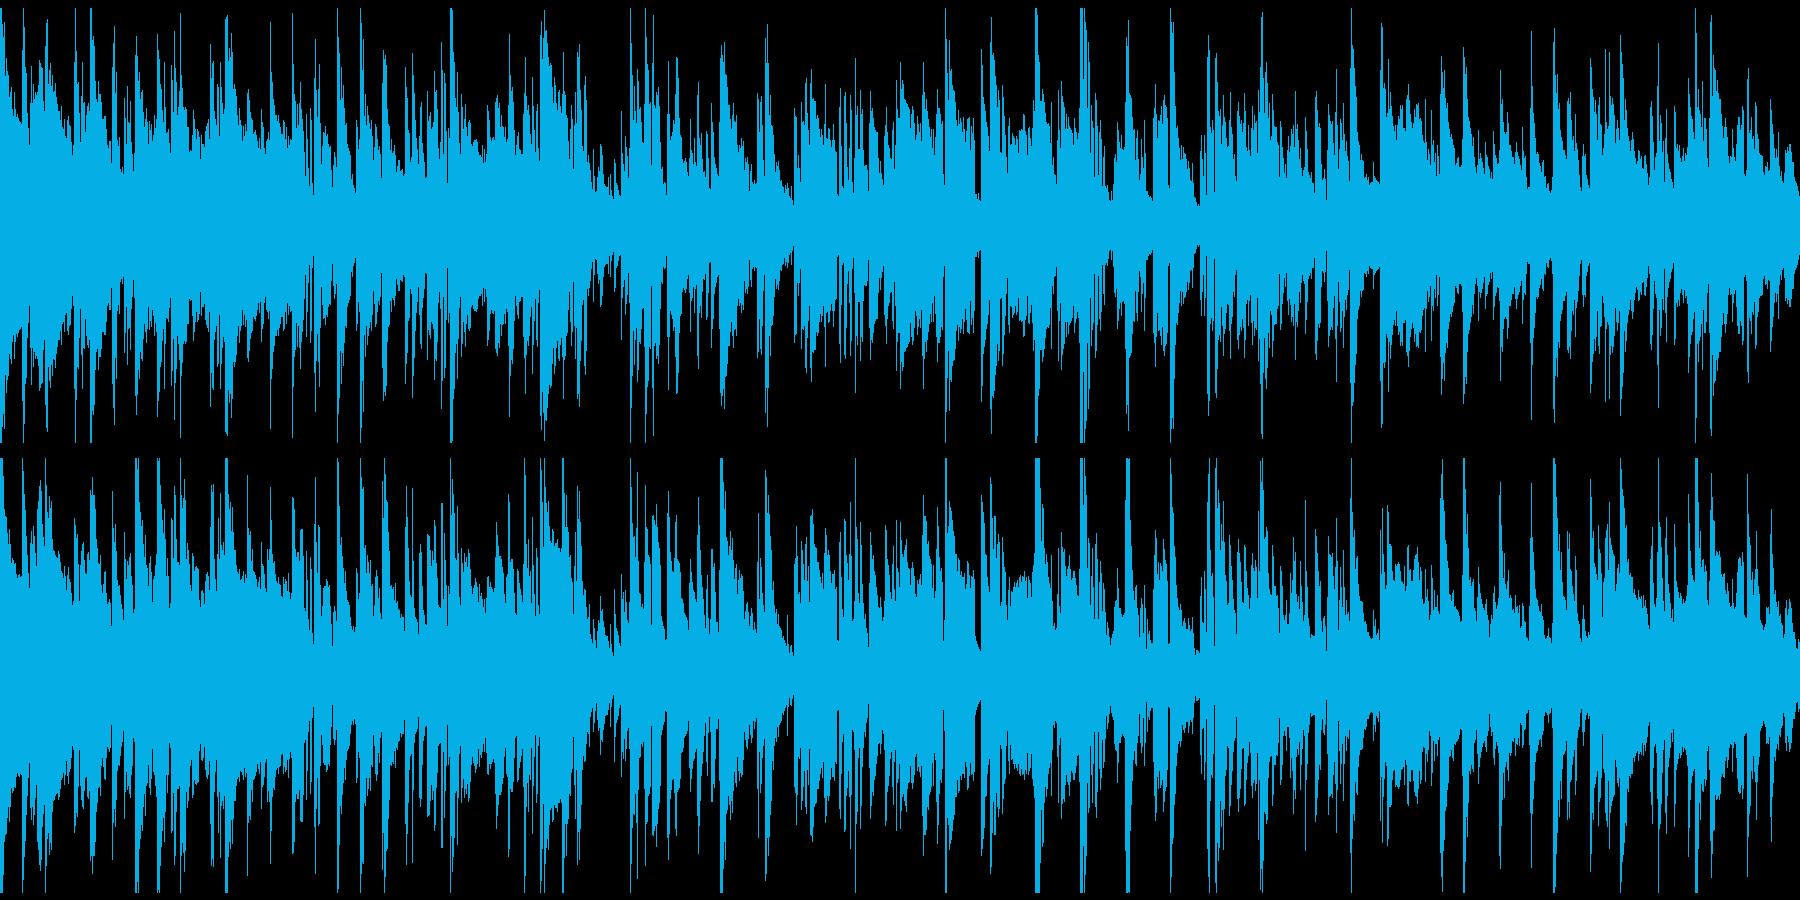 お下劣コメディ系のサックス ※ループ版の再生済みの波形